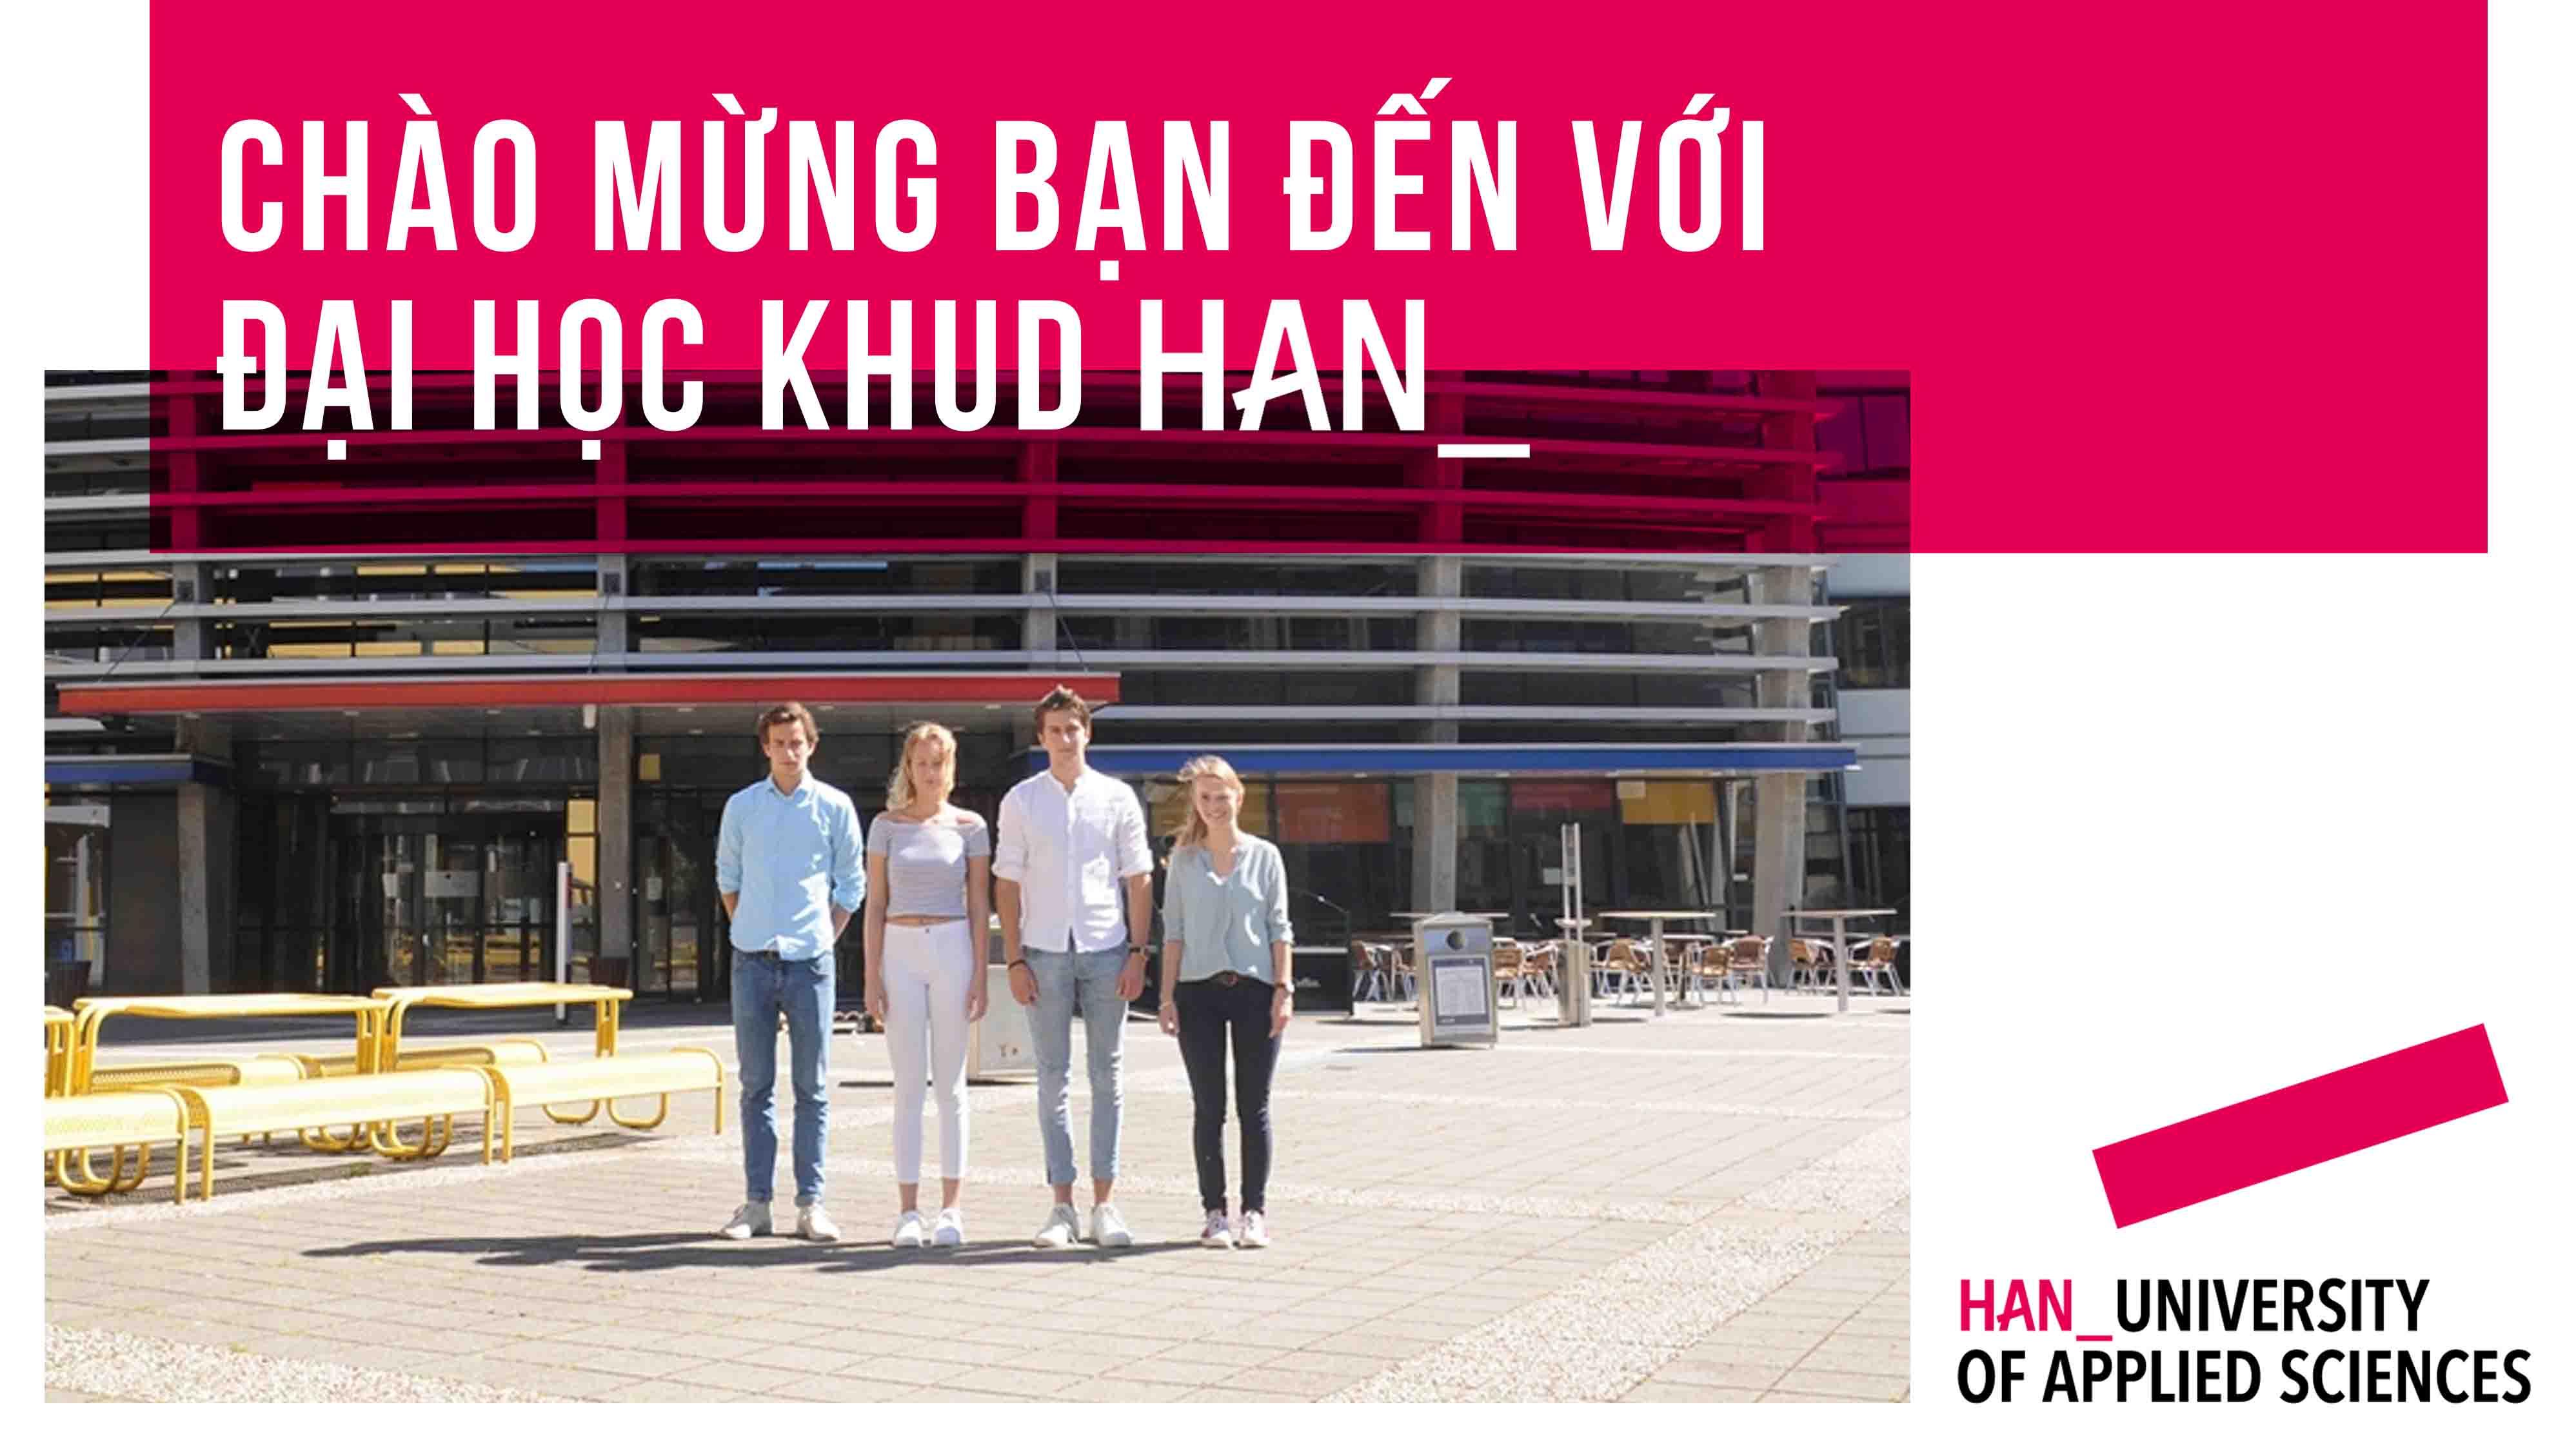 """Là 1 trong 5 trường khoa học ứng dụng lớn nhất tại xứ sở hoa tulip, HAN cung cấp chương trình đào tạo chất lượng cao bằng tiếng Anh dựa trên thực hành, phù hợp với thực tiễn ngành nghề và nhu cầu của các công ty và tổ chức trên thế giới. Các khóa học của HAN được thiết lập theo định hướng ứng dụng để sinh viên tốt nghiệp từ trường thành công trong sự nghiệp và đóng góp cho sự phát triển của kinh tế, xã hội xung quanh họ. Đại học KHUD HAN đem đến cho sinh viên một môi trường hấp dẫn và chuyên nghiệp để học tập, làm việc. Mỗi năm, HAN luôn đạt điểm cao của Elsevier và Keuzegids về đánh giá tổng thể cũng như xếp hạng riêng biệt cho ngành đào tạo của các trường đại học KHUD Hà Lan. Tại HAN, bạn có thể chọn học các ngành đang """"hot"""" và có nhu cầu nhân lực cao hiện nay như kinh doanh quốc tế, kỹ thuật, truyền thông, khoa học đời sống. Để có thông tin mới nhất về các chương trình đào tạo của HAN trong năm 2020, cập nhật học phí, thủ tục hồ sơ, mời bạn tham dự """"HỘI THẢO CÁC NGÀNH HỌC XU HƯỚNG TẠI ĐẠI HỌC KHUD HAN"""" do Du học INEC tổ chức: • Tại Đà Nẵng: Lúc 17h00 thứ Bảy, ngày 12/10/2019 tại 51L Nguyễn Chí Thanh, Quận Hải Châu • Tại TP. HCM: Lúc 9h00 Chủ nhật, ngày 13/10/2019 tại 279 Trần Nhân Tôn, Phường 2, Quận 10 Xem thông tin chi tiết: https://duhocinec.com/hoi-thao-dai-ho... Hotline đăng ký tham dự: 093 409 8883. Liên hệ đại diện tuyển sinh tốt nhất của Đại học KHUD HAN để được hỗ trợ chi tiết: • Tổng đài: 1900 636 990 • Hotline KV miền Bắc & Nam: 093 938 1081 • Hotline KV miền Trung: 093 409 9070 • Email: inec@inec.vn • Website: https://duhocinec.com/du-hoc-ha-lan-dh-khoa-hoc-ung-dung-han"""